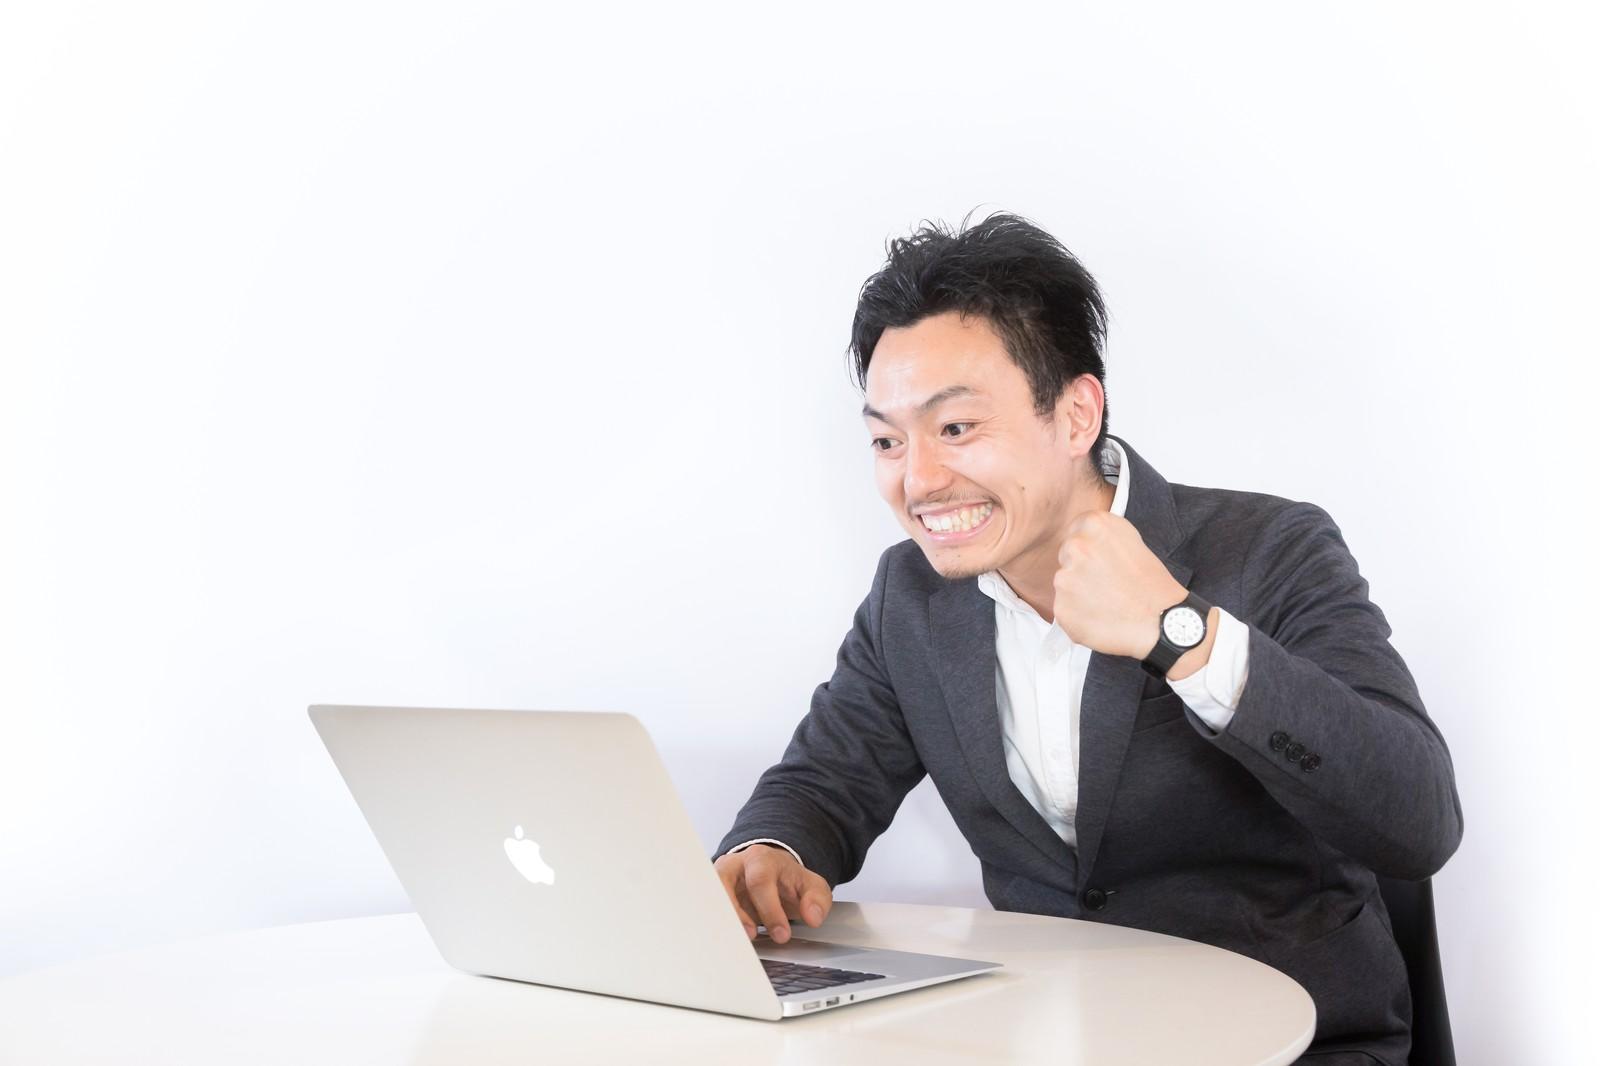 ブログのアクセスを増やす!それでいて苦にならない書き方とは?